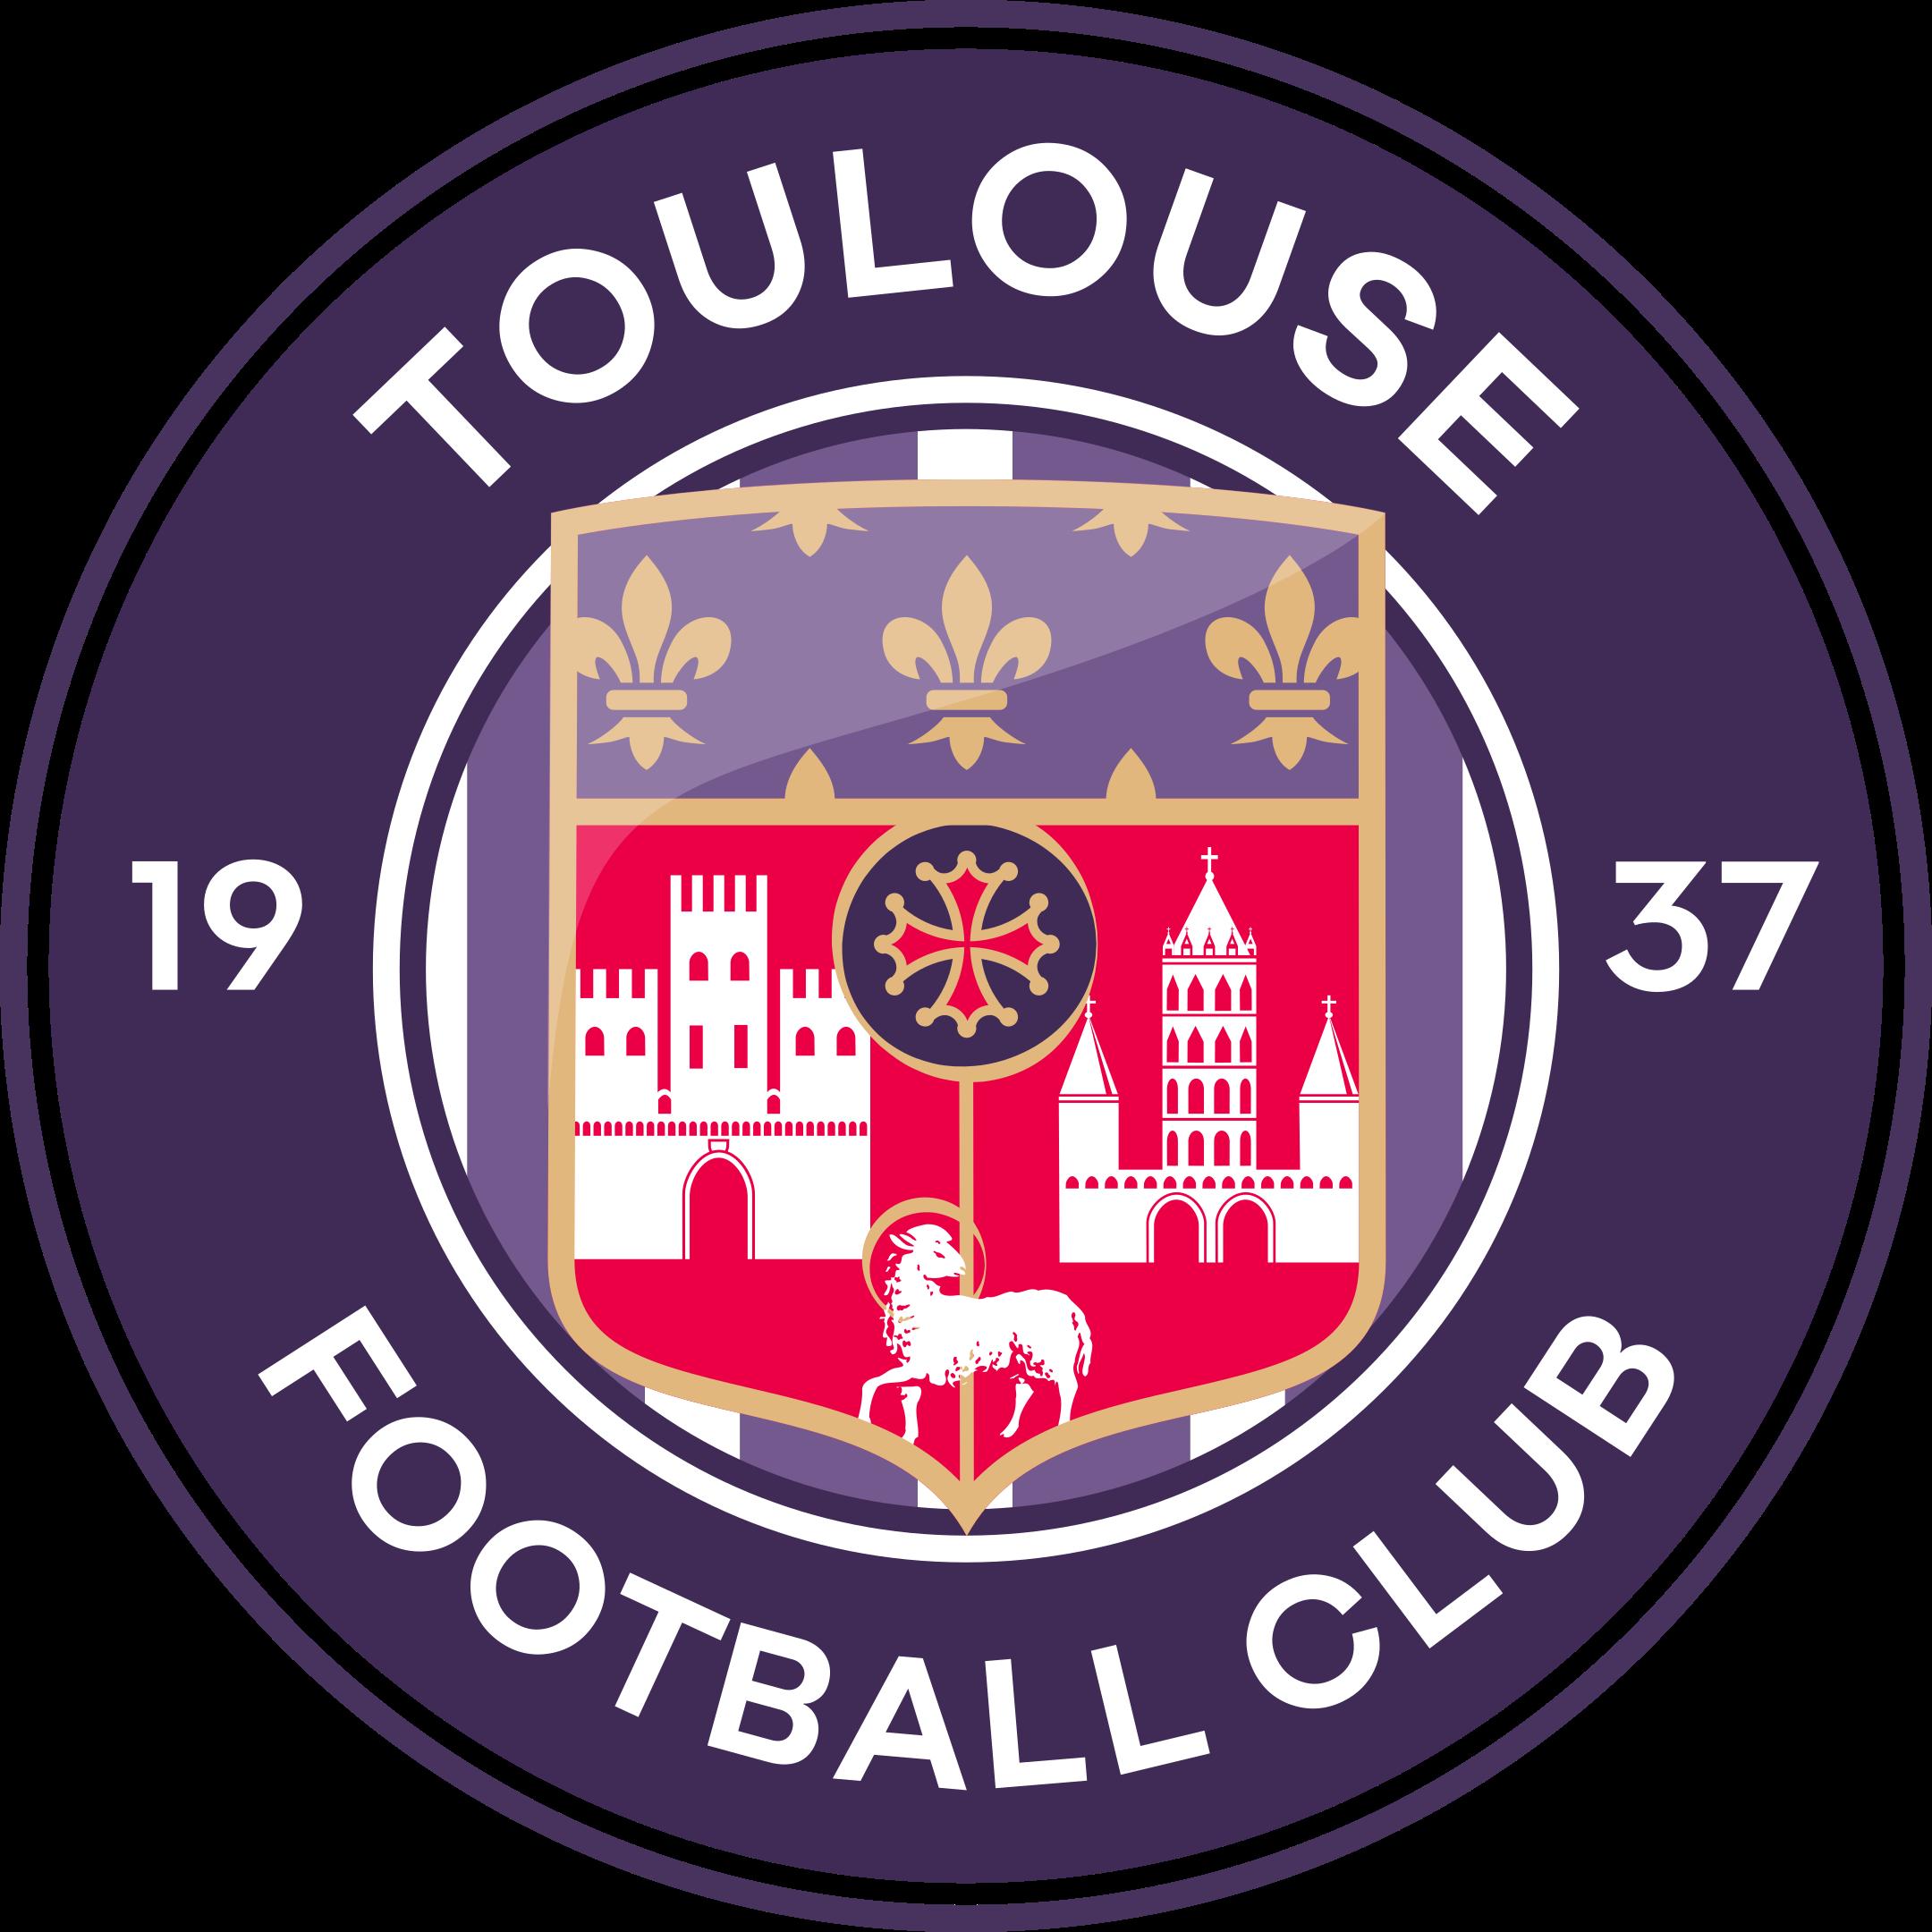 toulouse fc logo 1 - Toulouse Football Club Logo